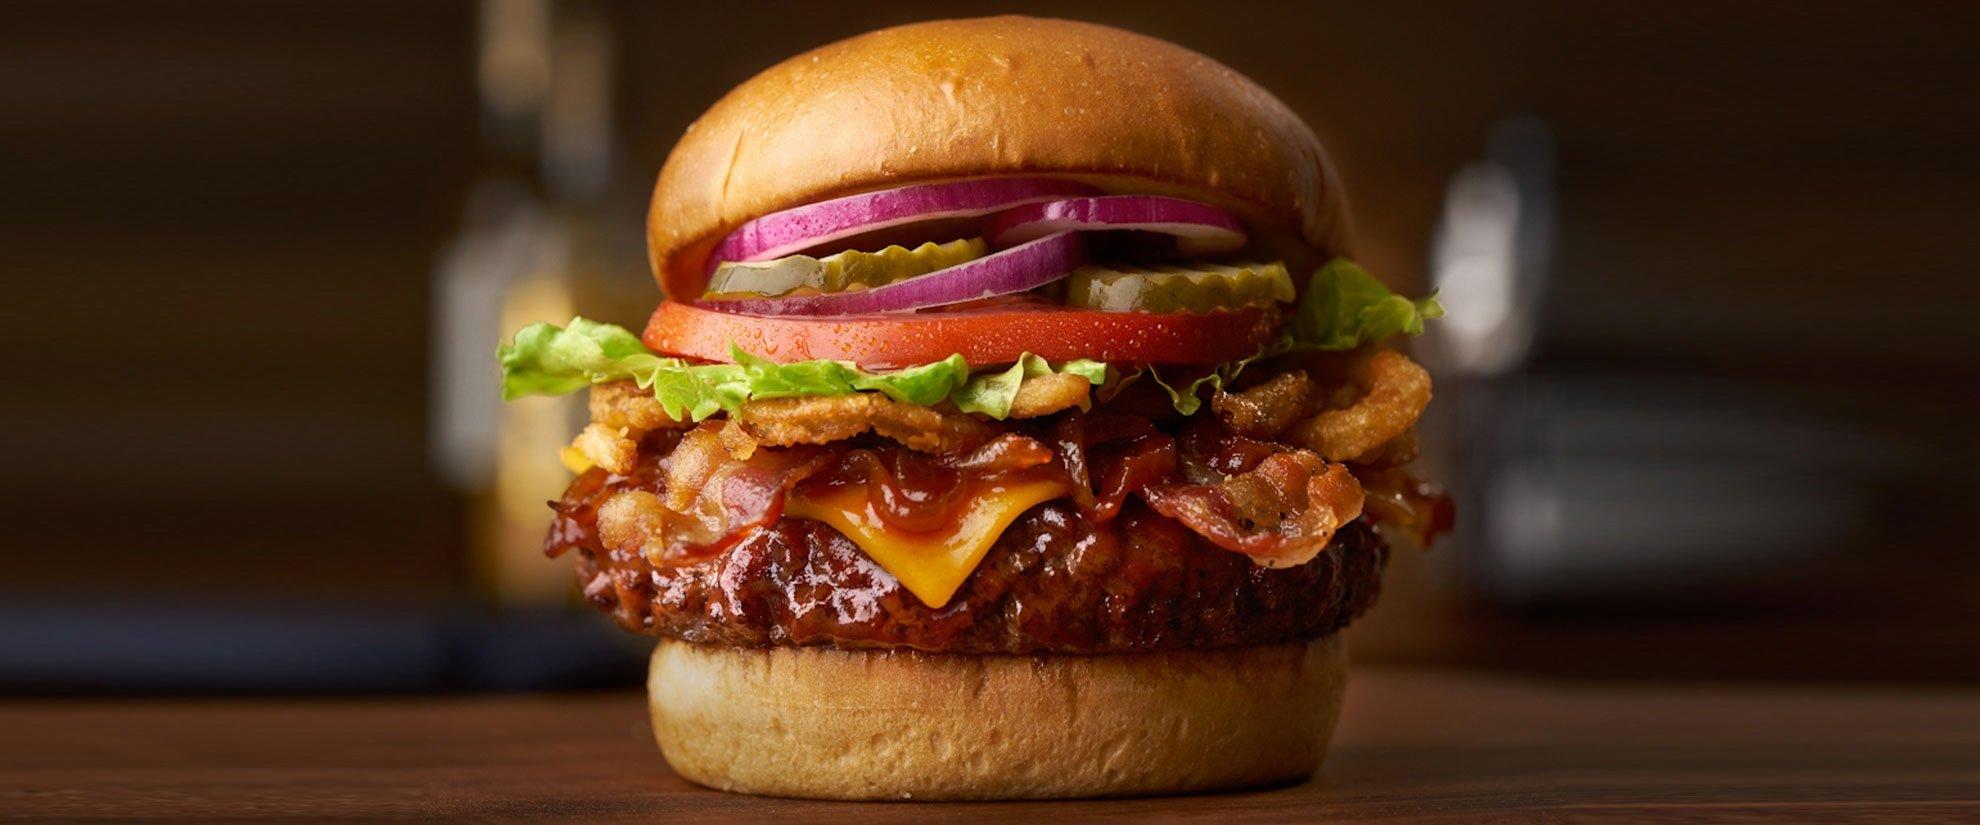 7 трика за перфектния бургер!